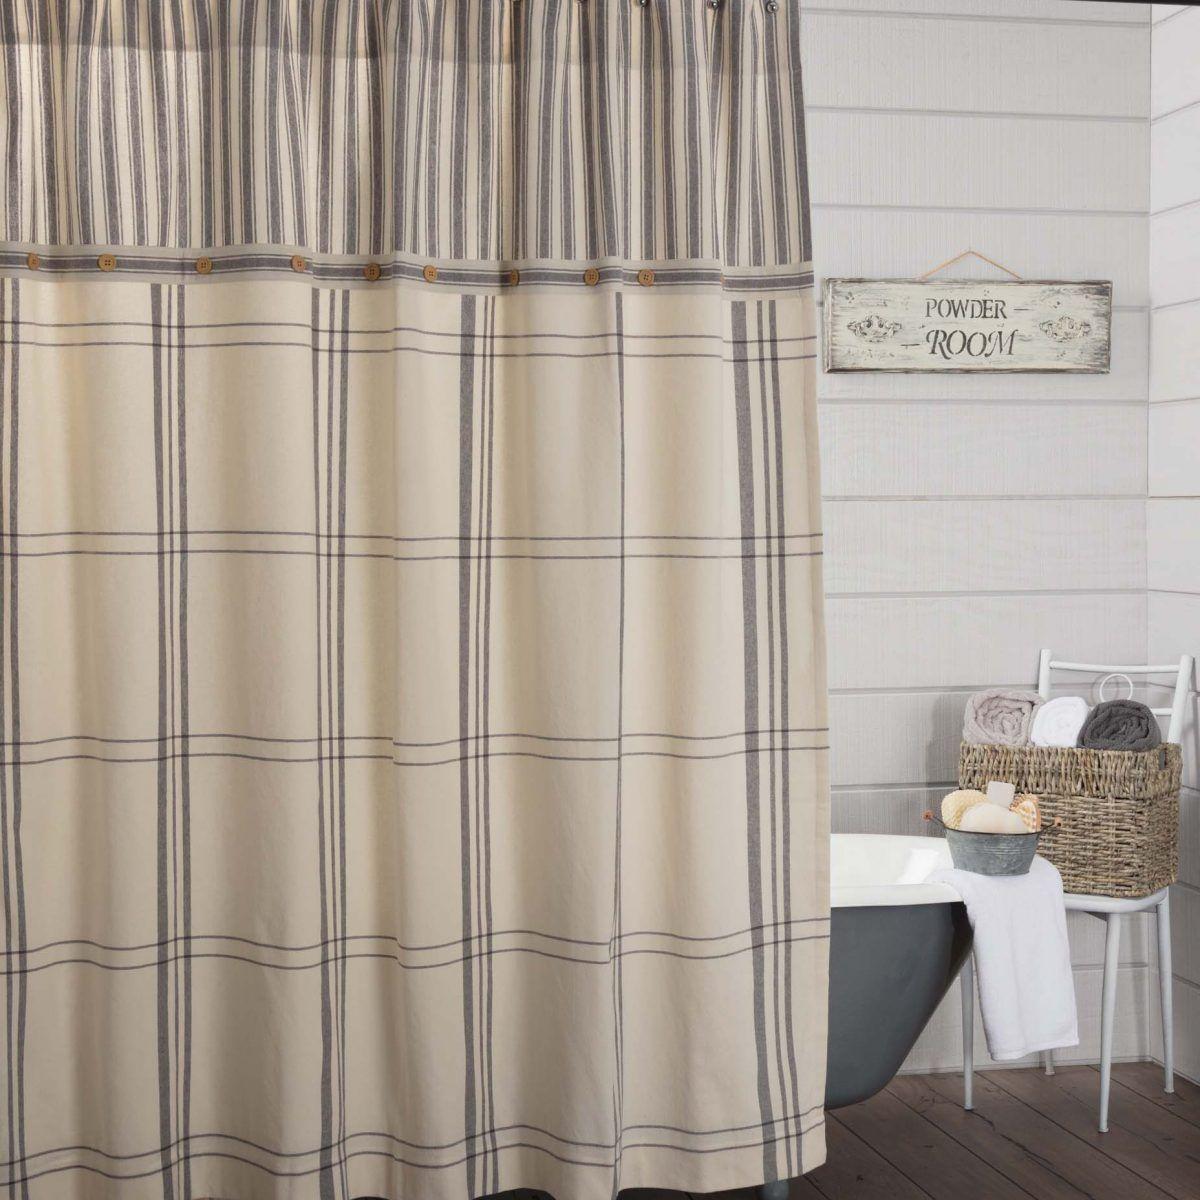 Market Place Shower Curtain Farmhousehappy Rusticfarmhouse Countryfarmhouse Farmhousebathroom Fa Plaid